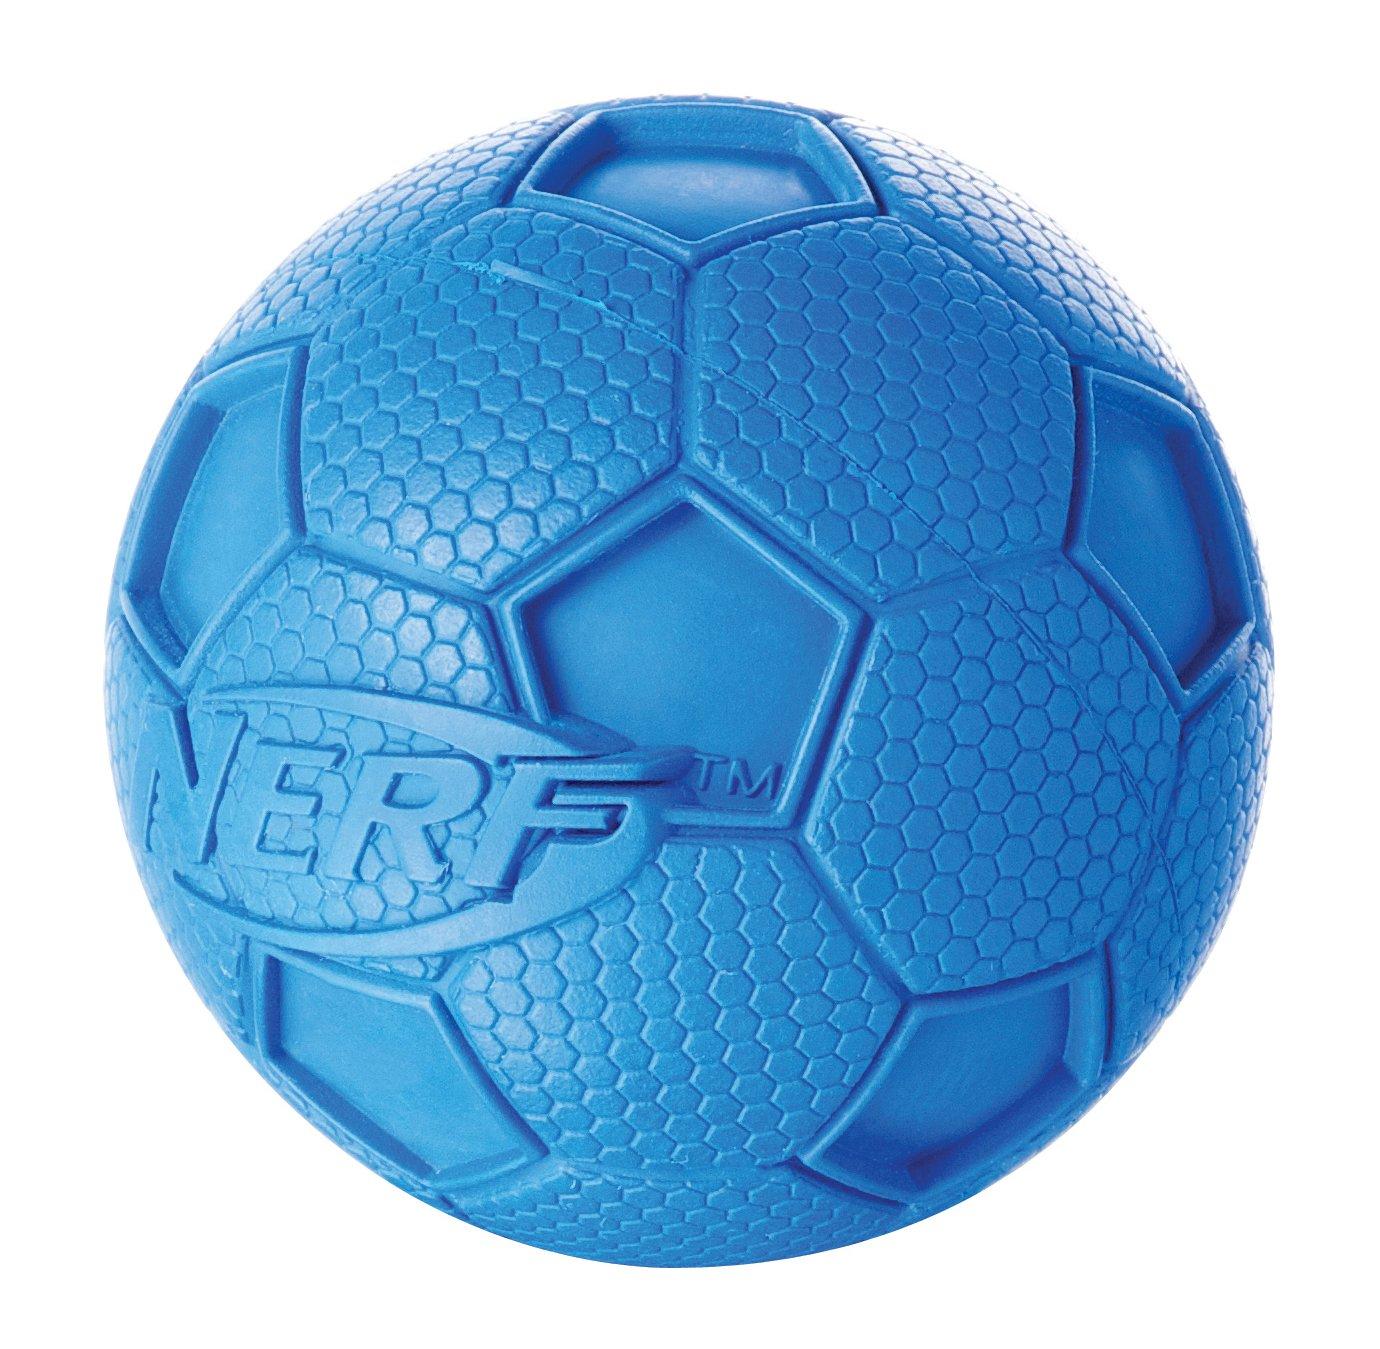 NERF Tamaño del balón de fútbol de goma SQUEAKER pequeños juegos ...